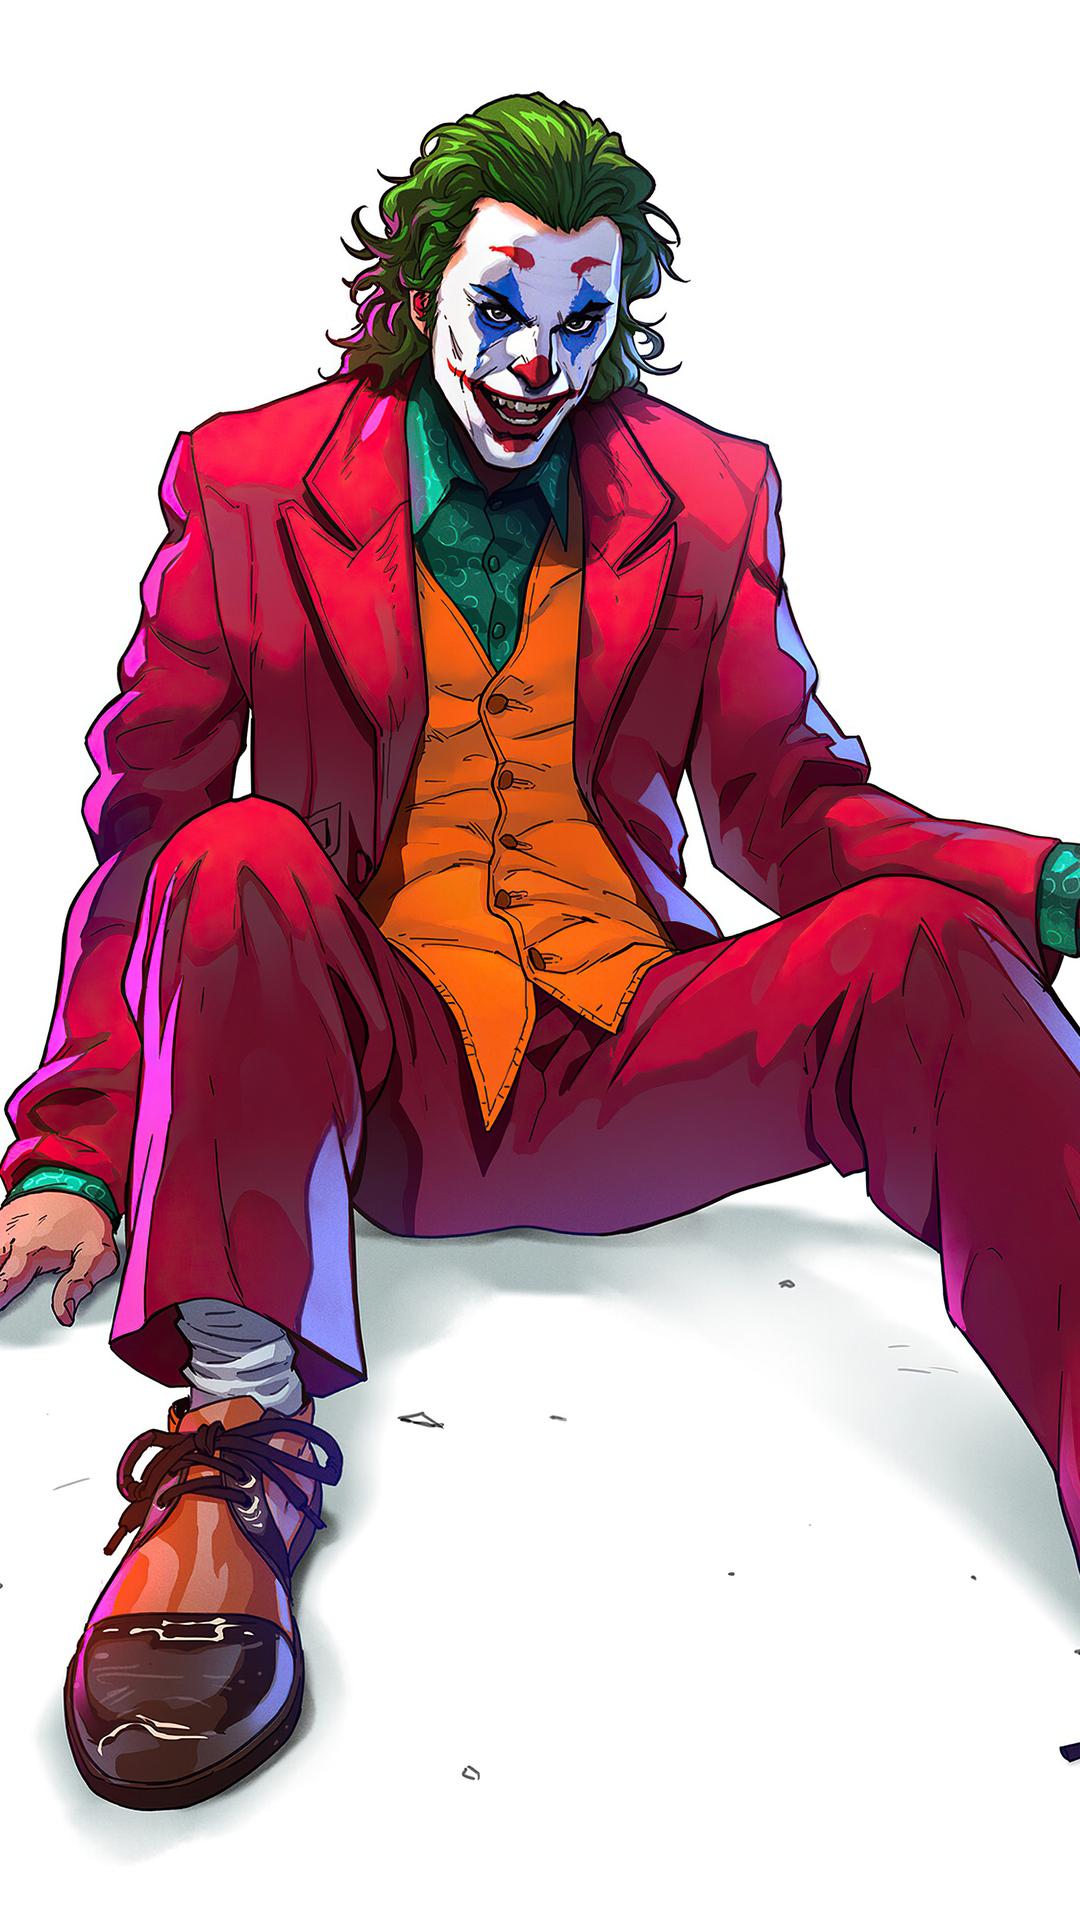 joker-flip-the-card-4k-q6.jpg